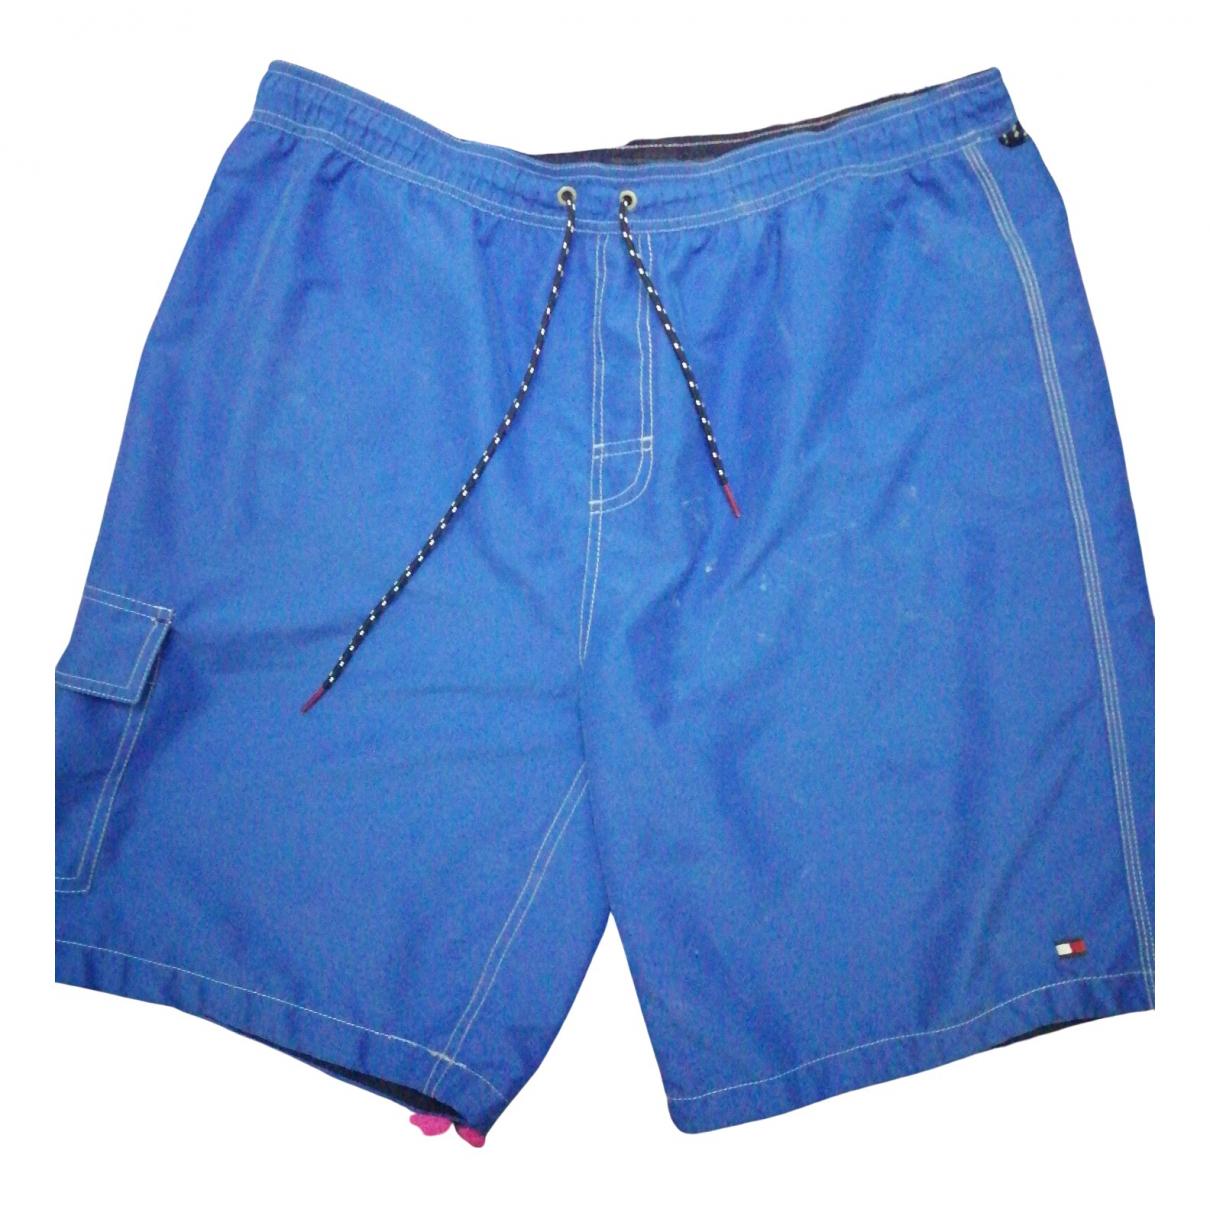 Tommy Hilfiger \N Shorts in  Blau Polyester